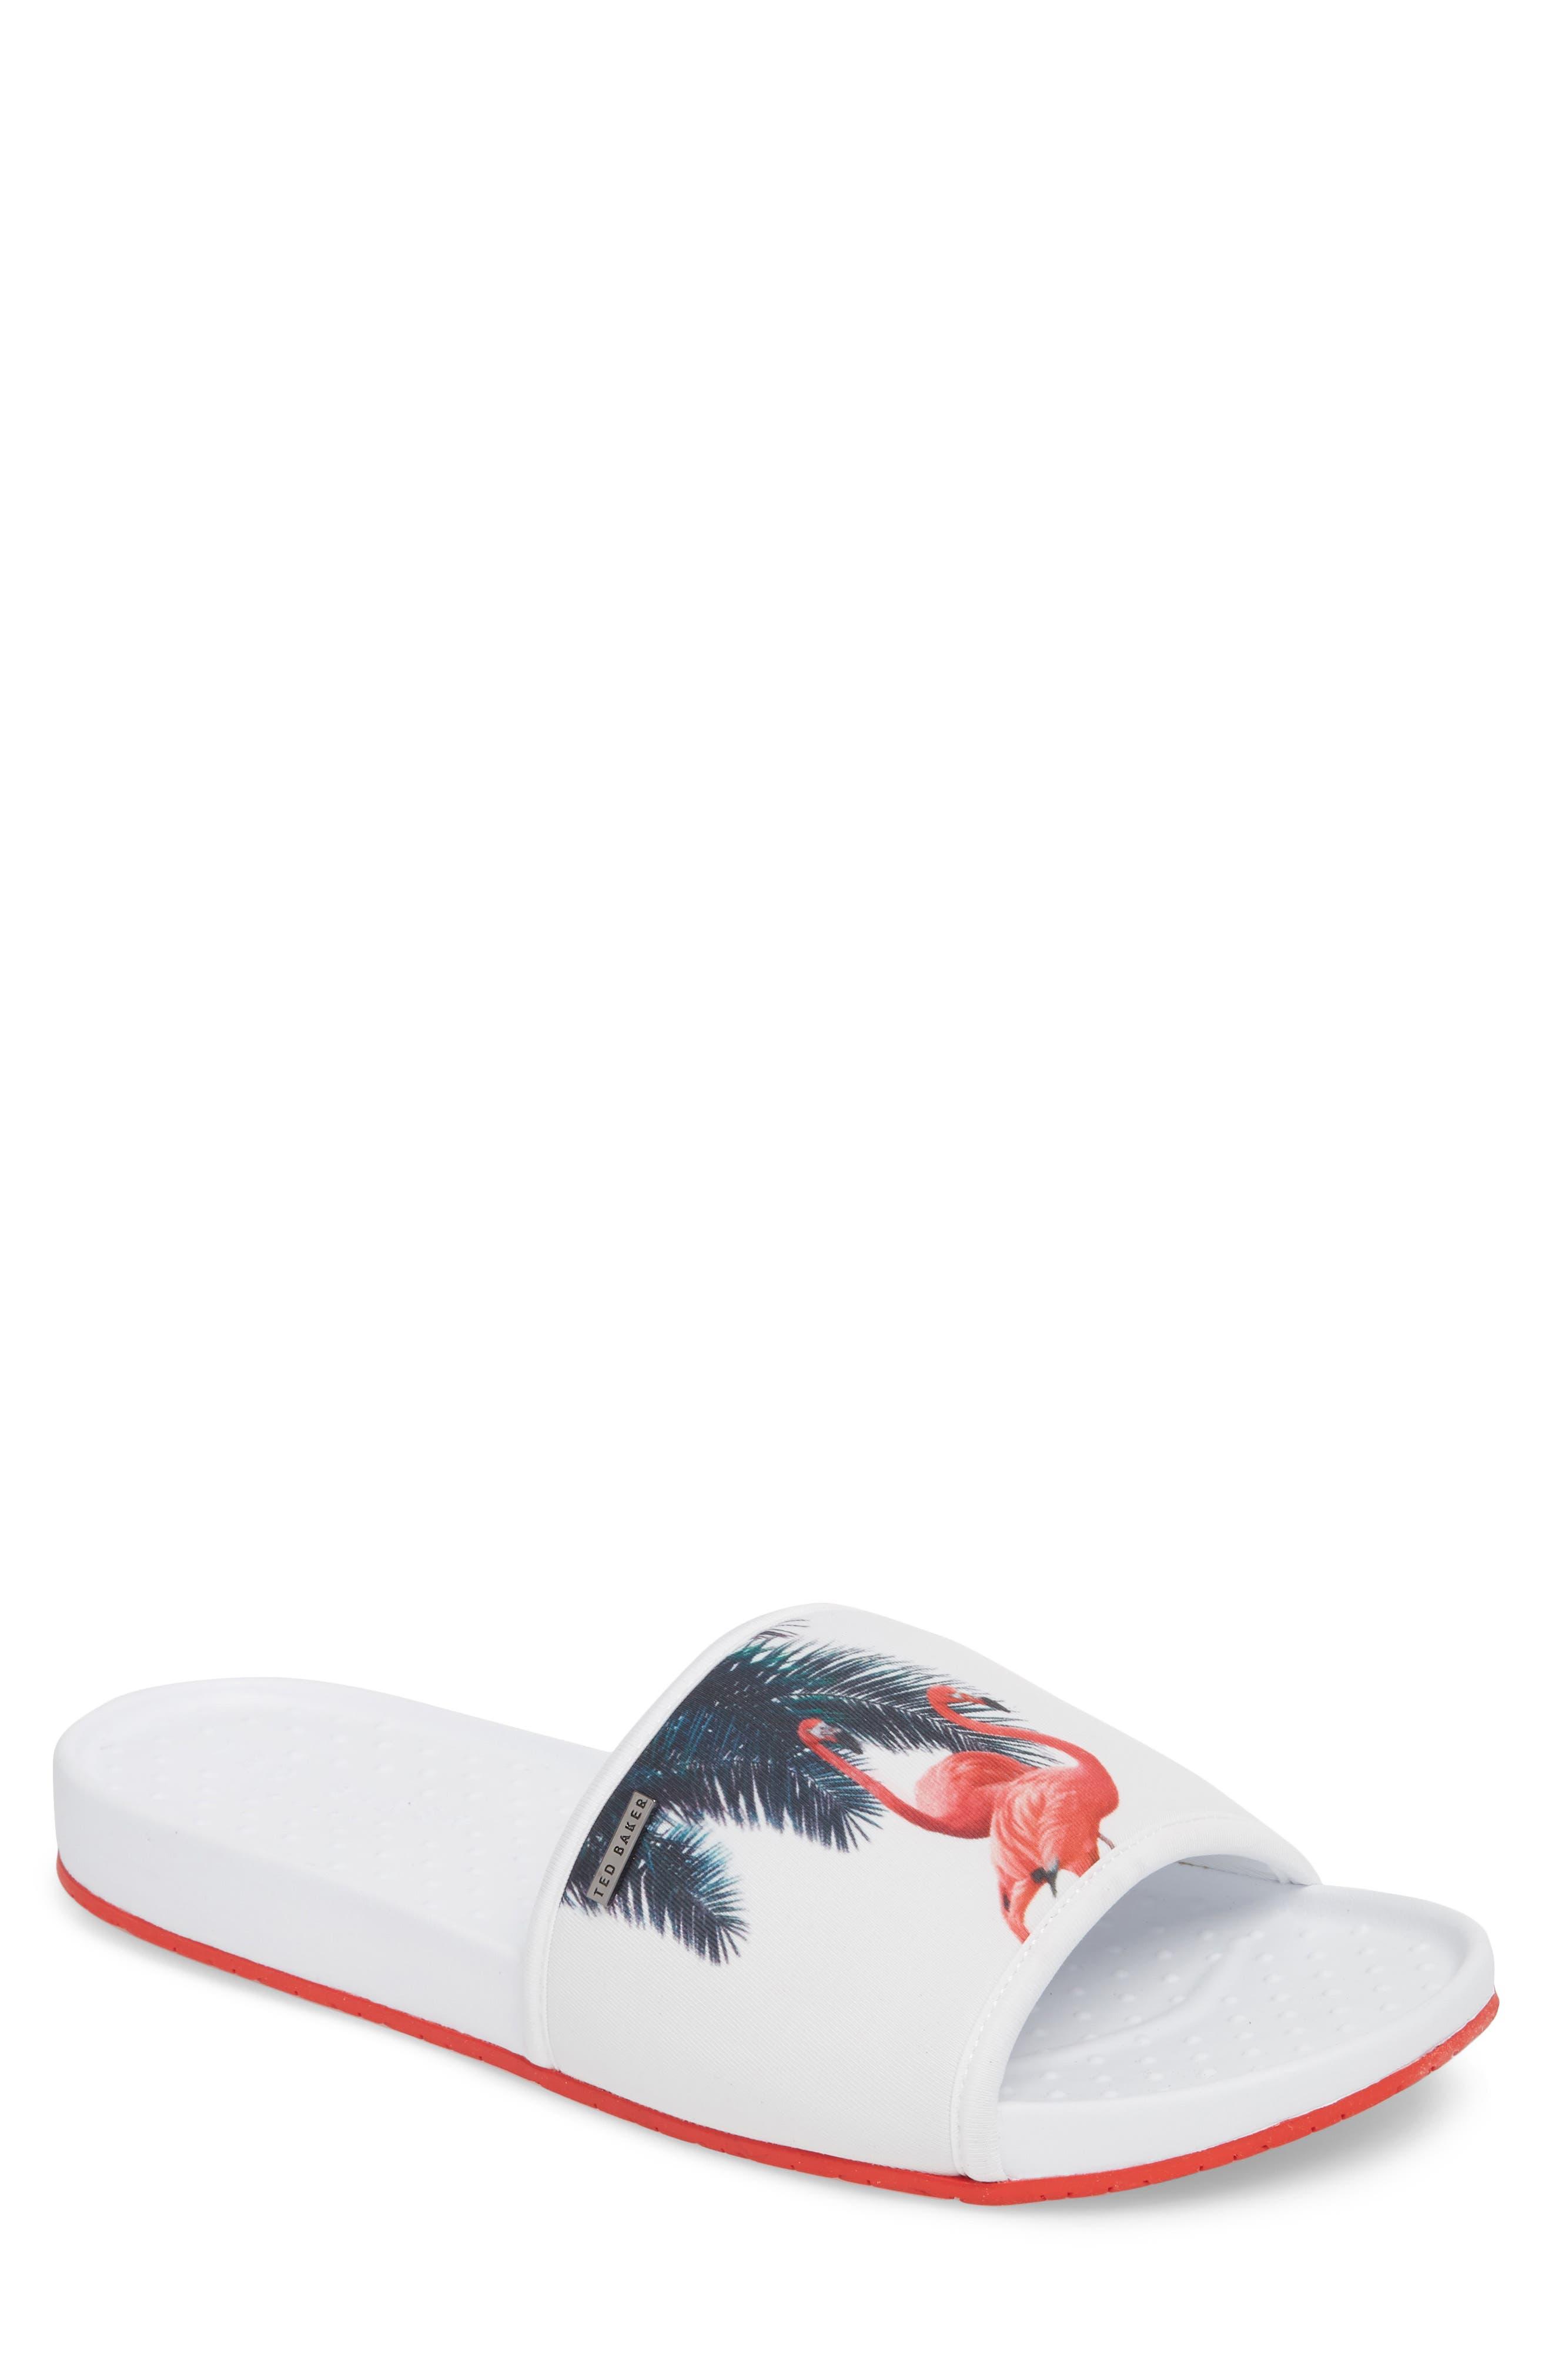 Sauldi 2 Slide Sandal,                             Main thumbnail 1, color,                             White/ Red Textile